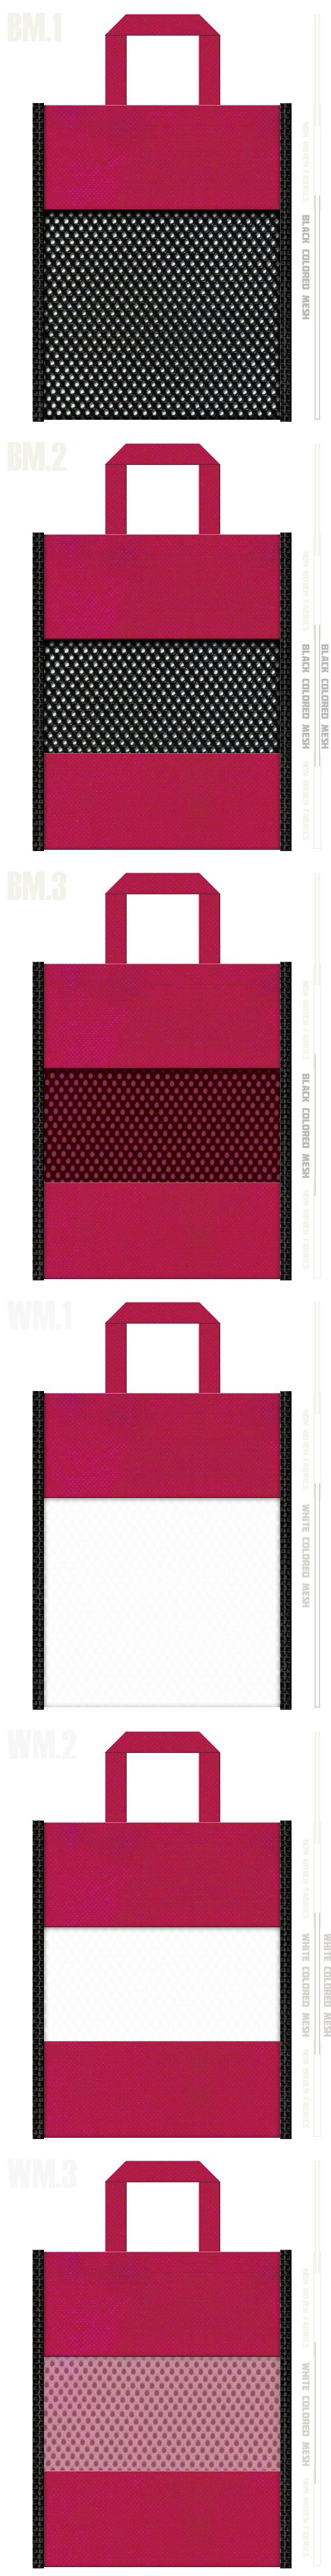 フラットタイプのメッシュバッグのカラーシミュレーション:黒色・白色メッシュと濃ピンク色不織布の組み合わせ